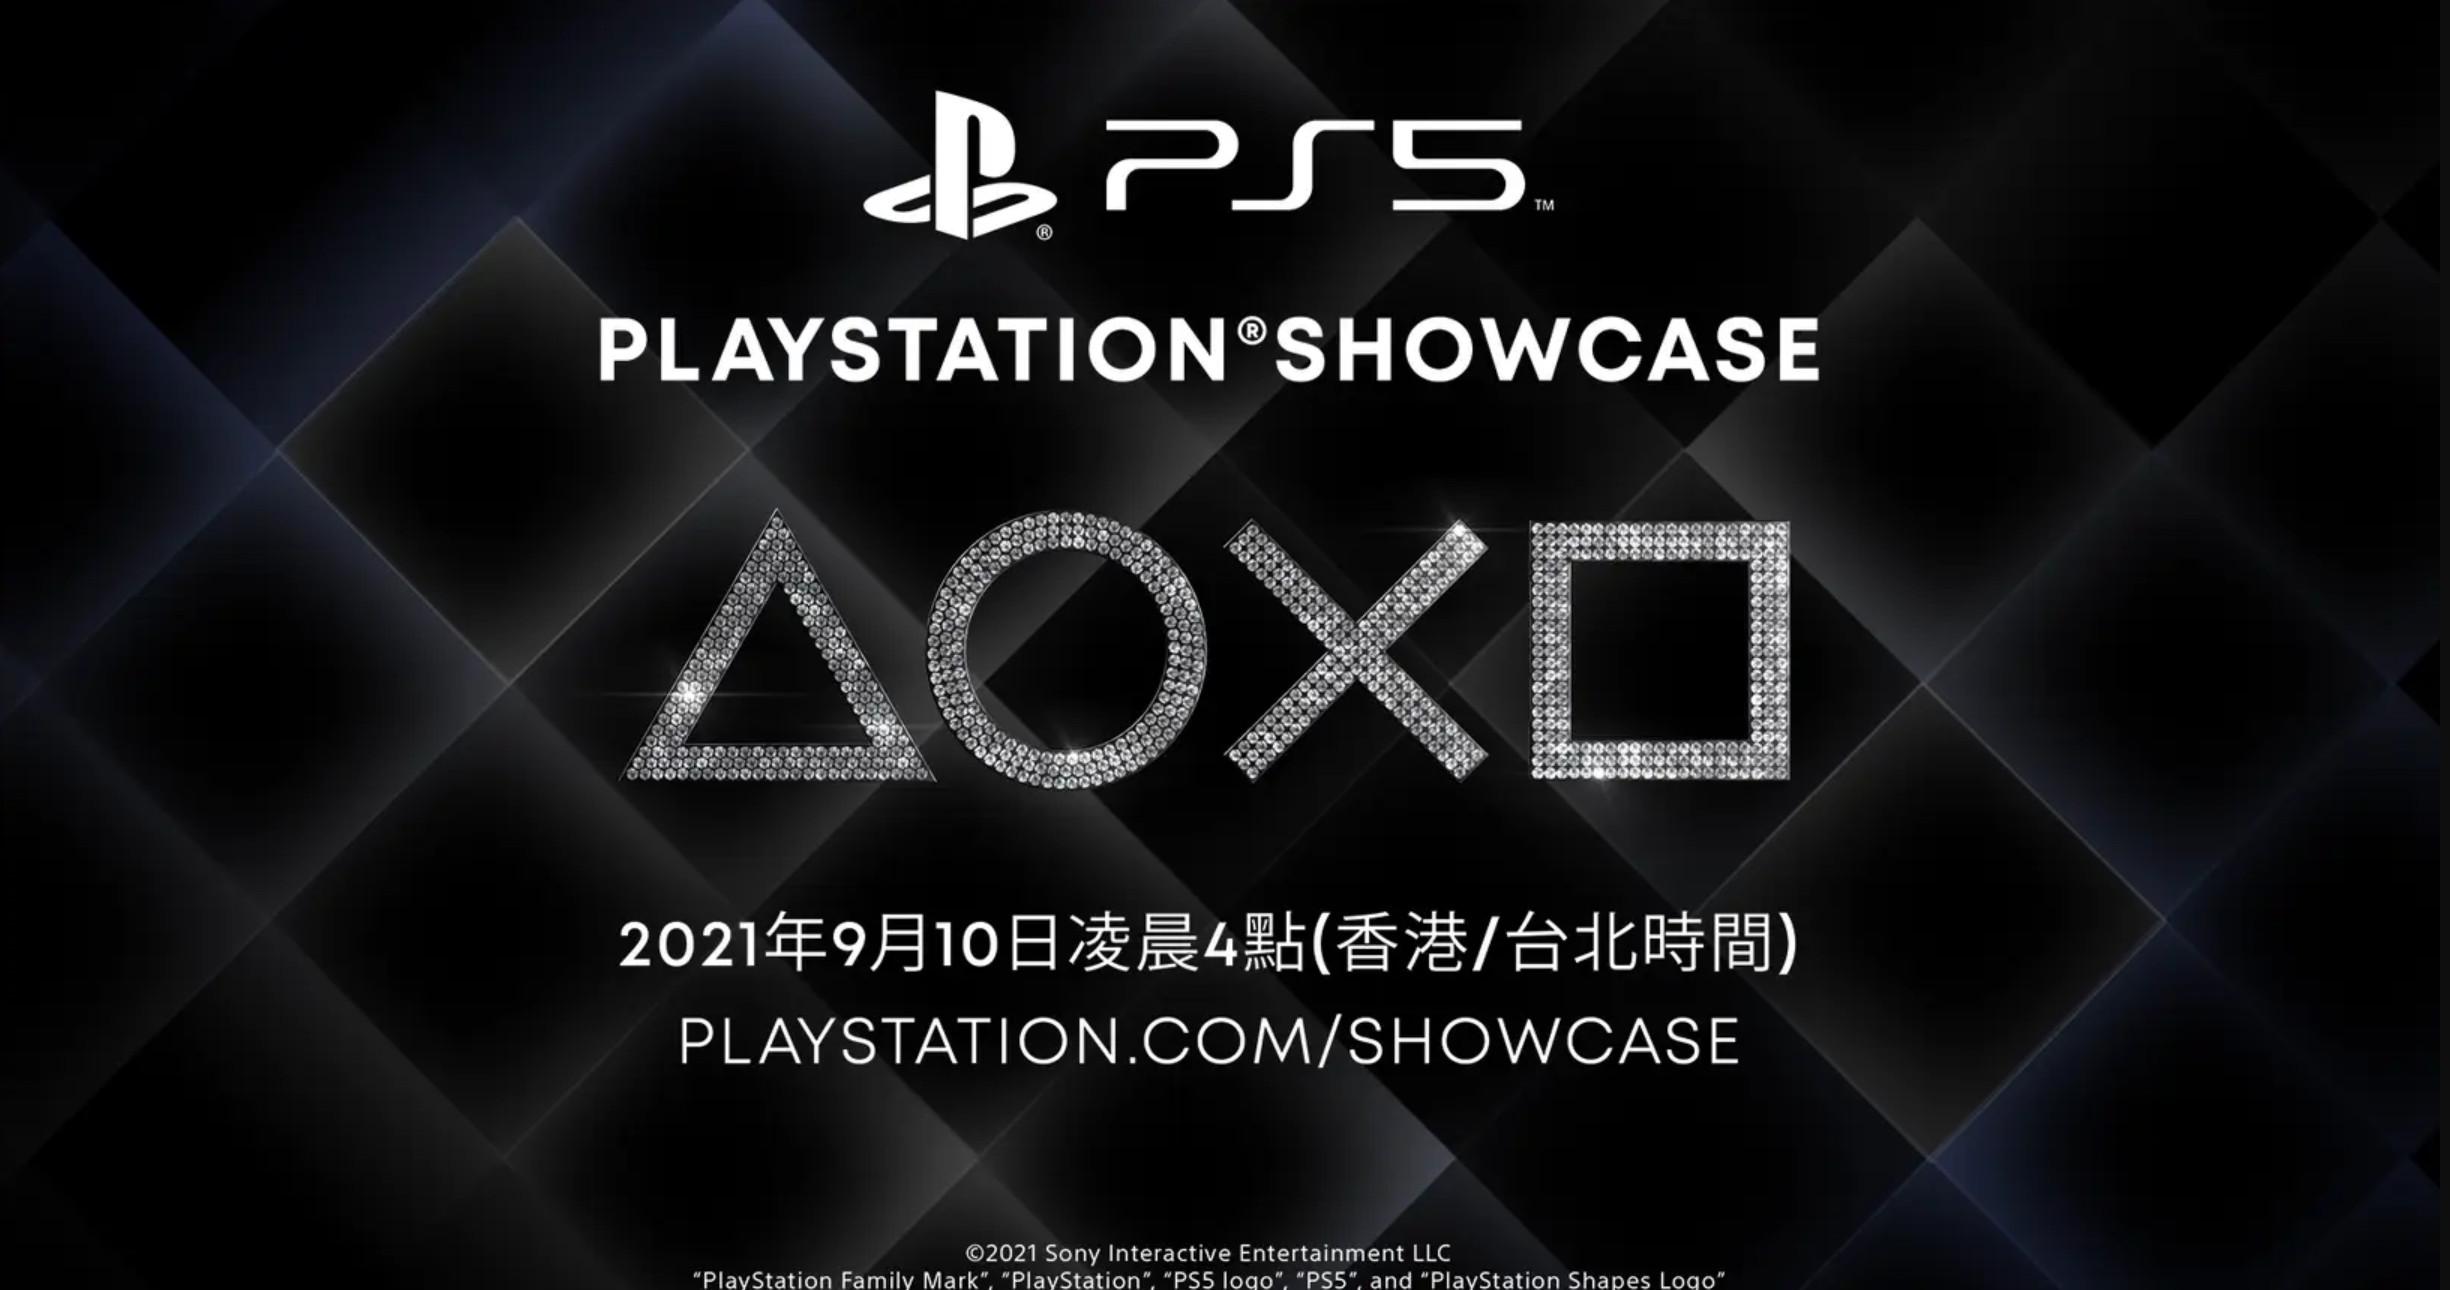 SIE PS5展现会要来了 9月10日清晨4点起头